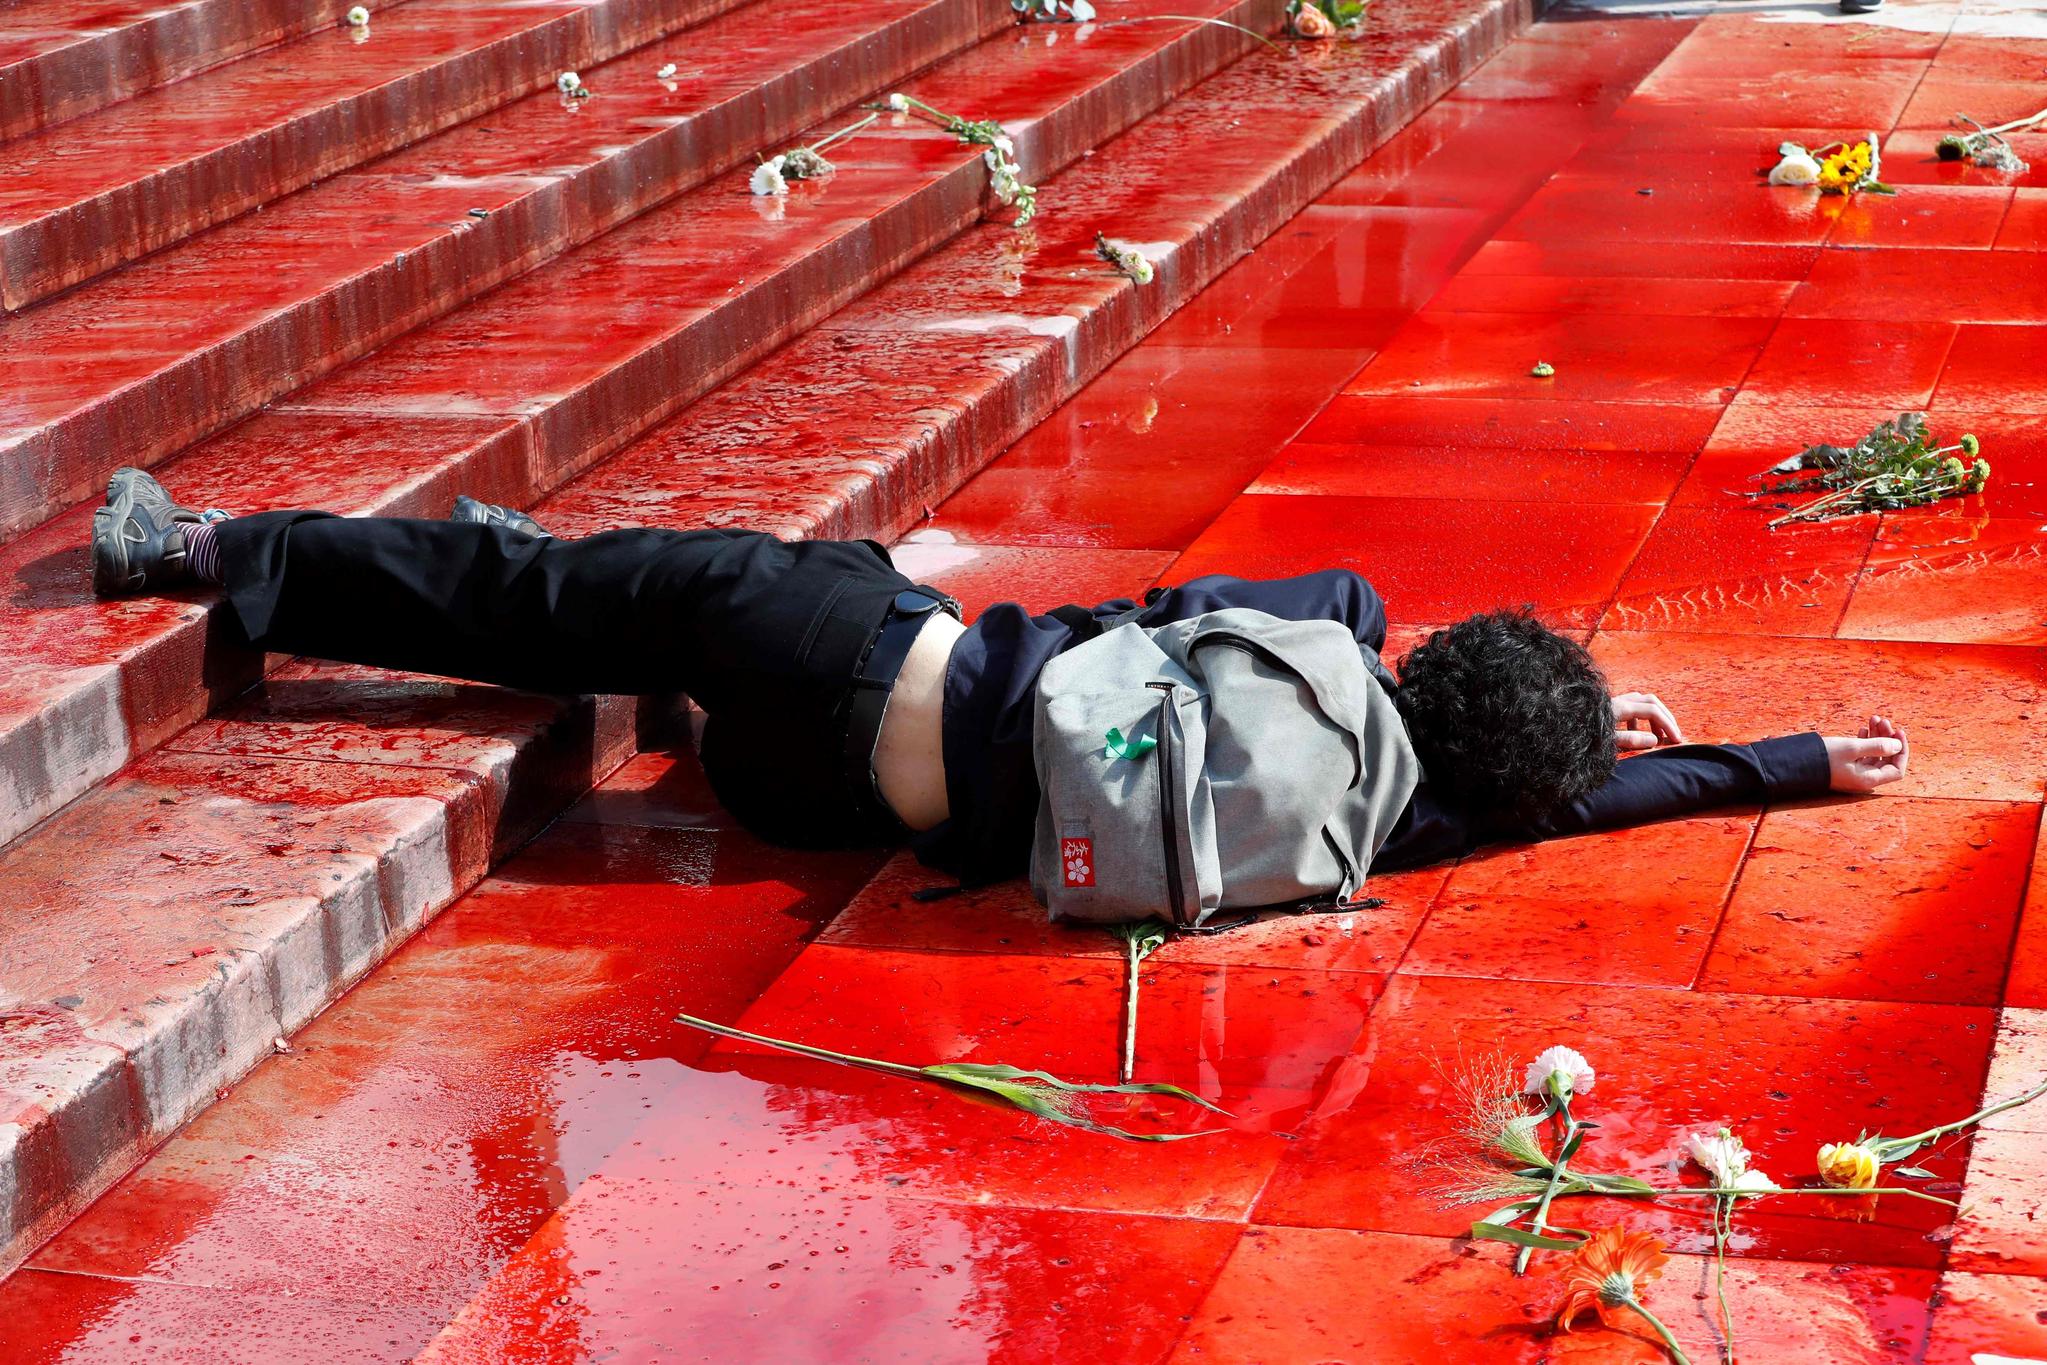 한 시위대가 가짜 피가 뿌려진 바닥에 누워 시위를 하고 있다. [AFP=연합뉴스]